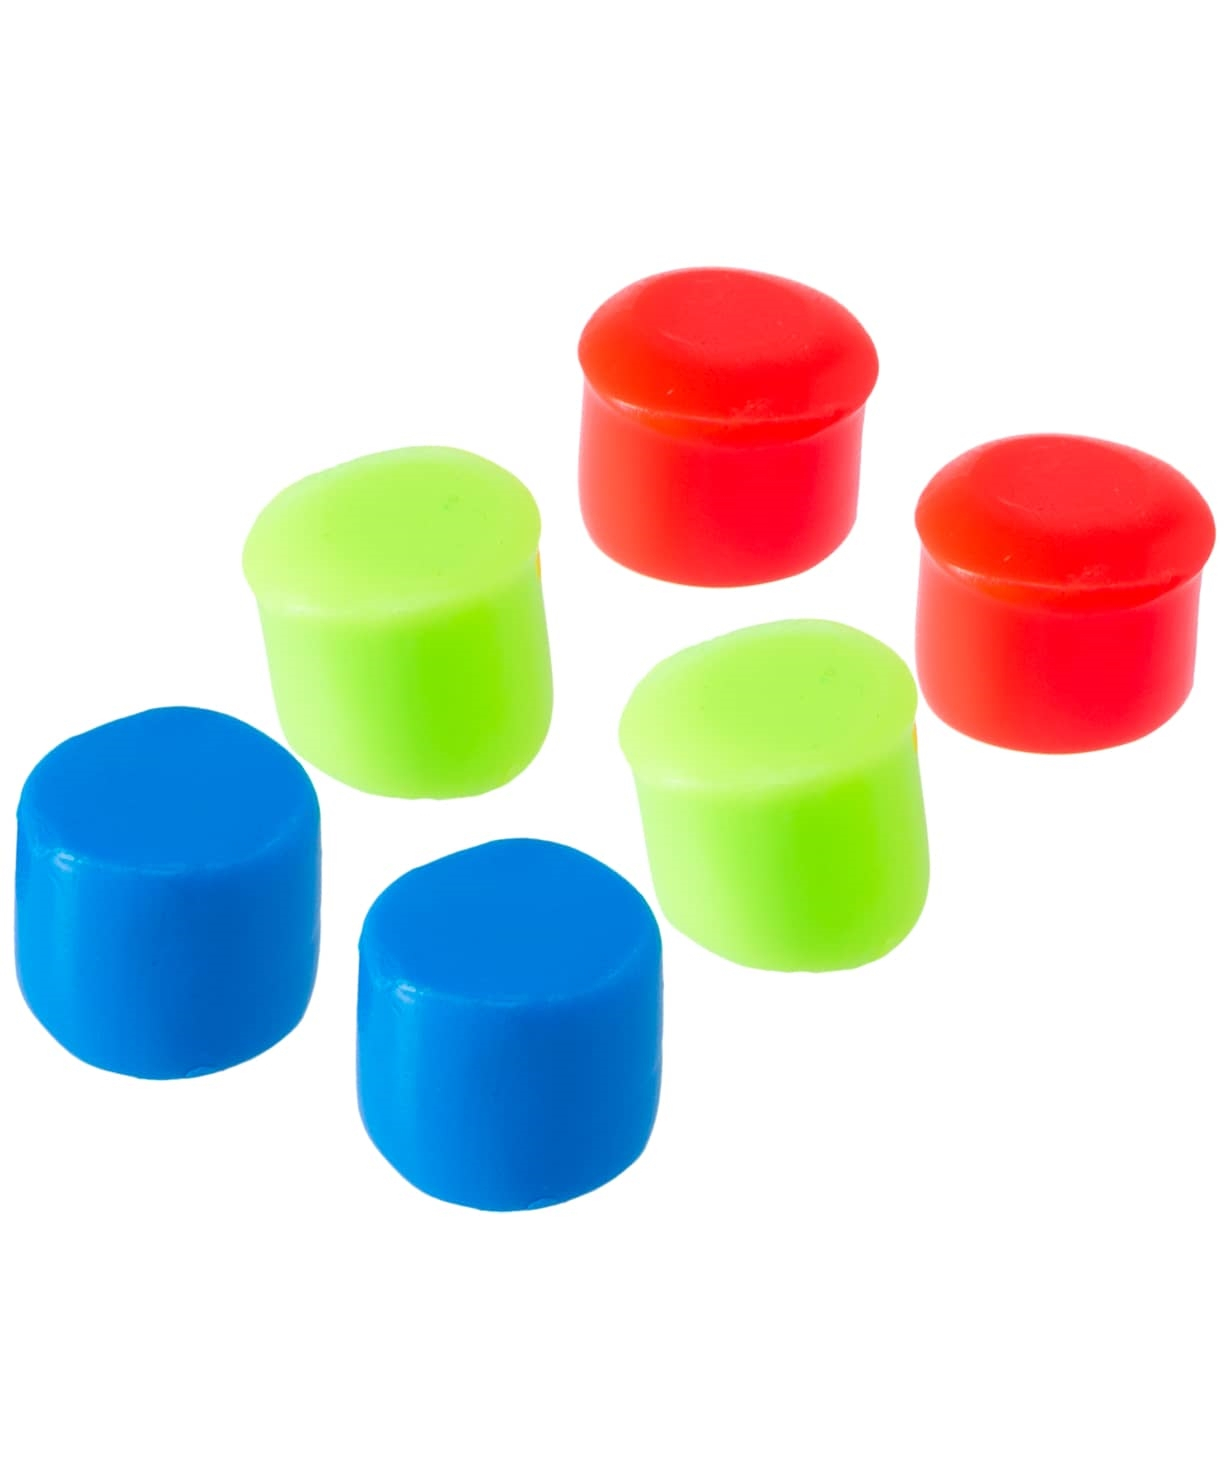 Беруши Youth Multi-Colored Silicone Ear Plugs, LEPY/970, мультиколор